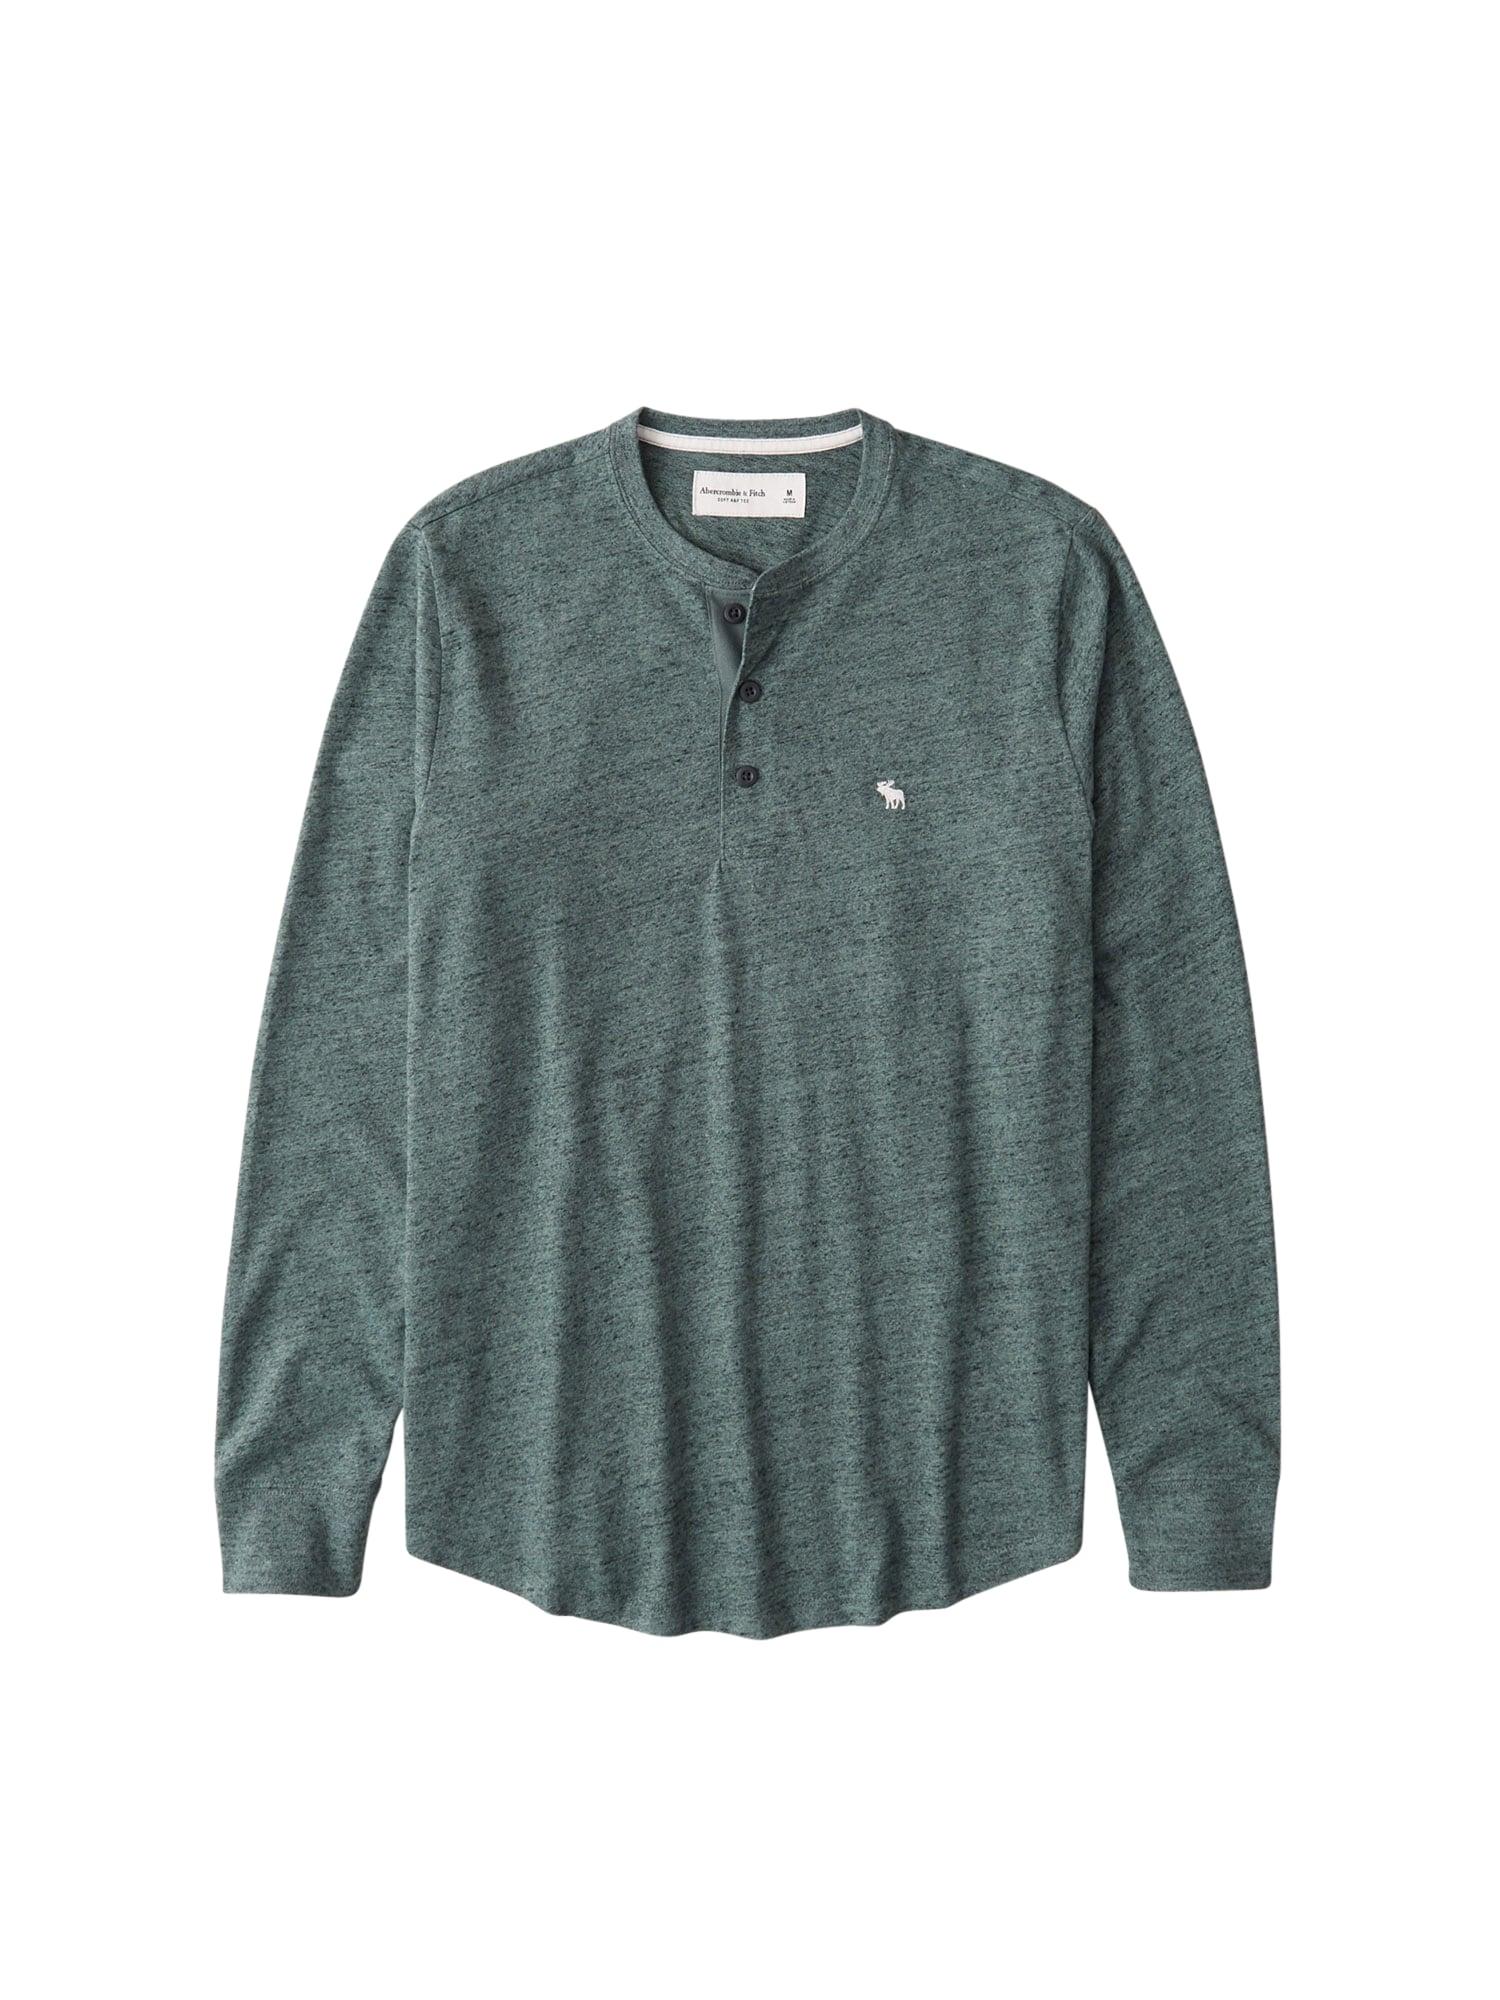 Abercrombie & Fitch Marškinėliai pastelinė žalia / balta